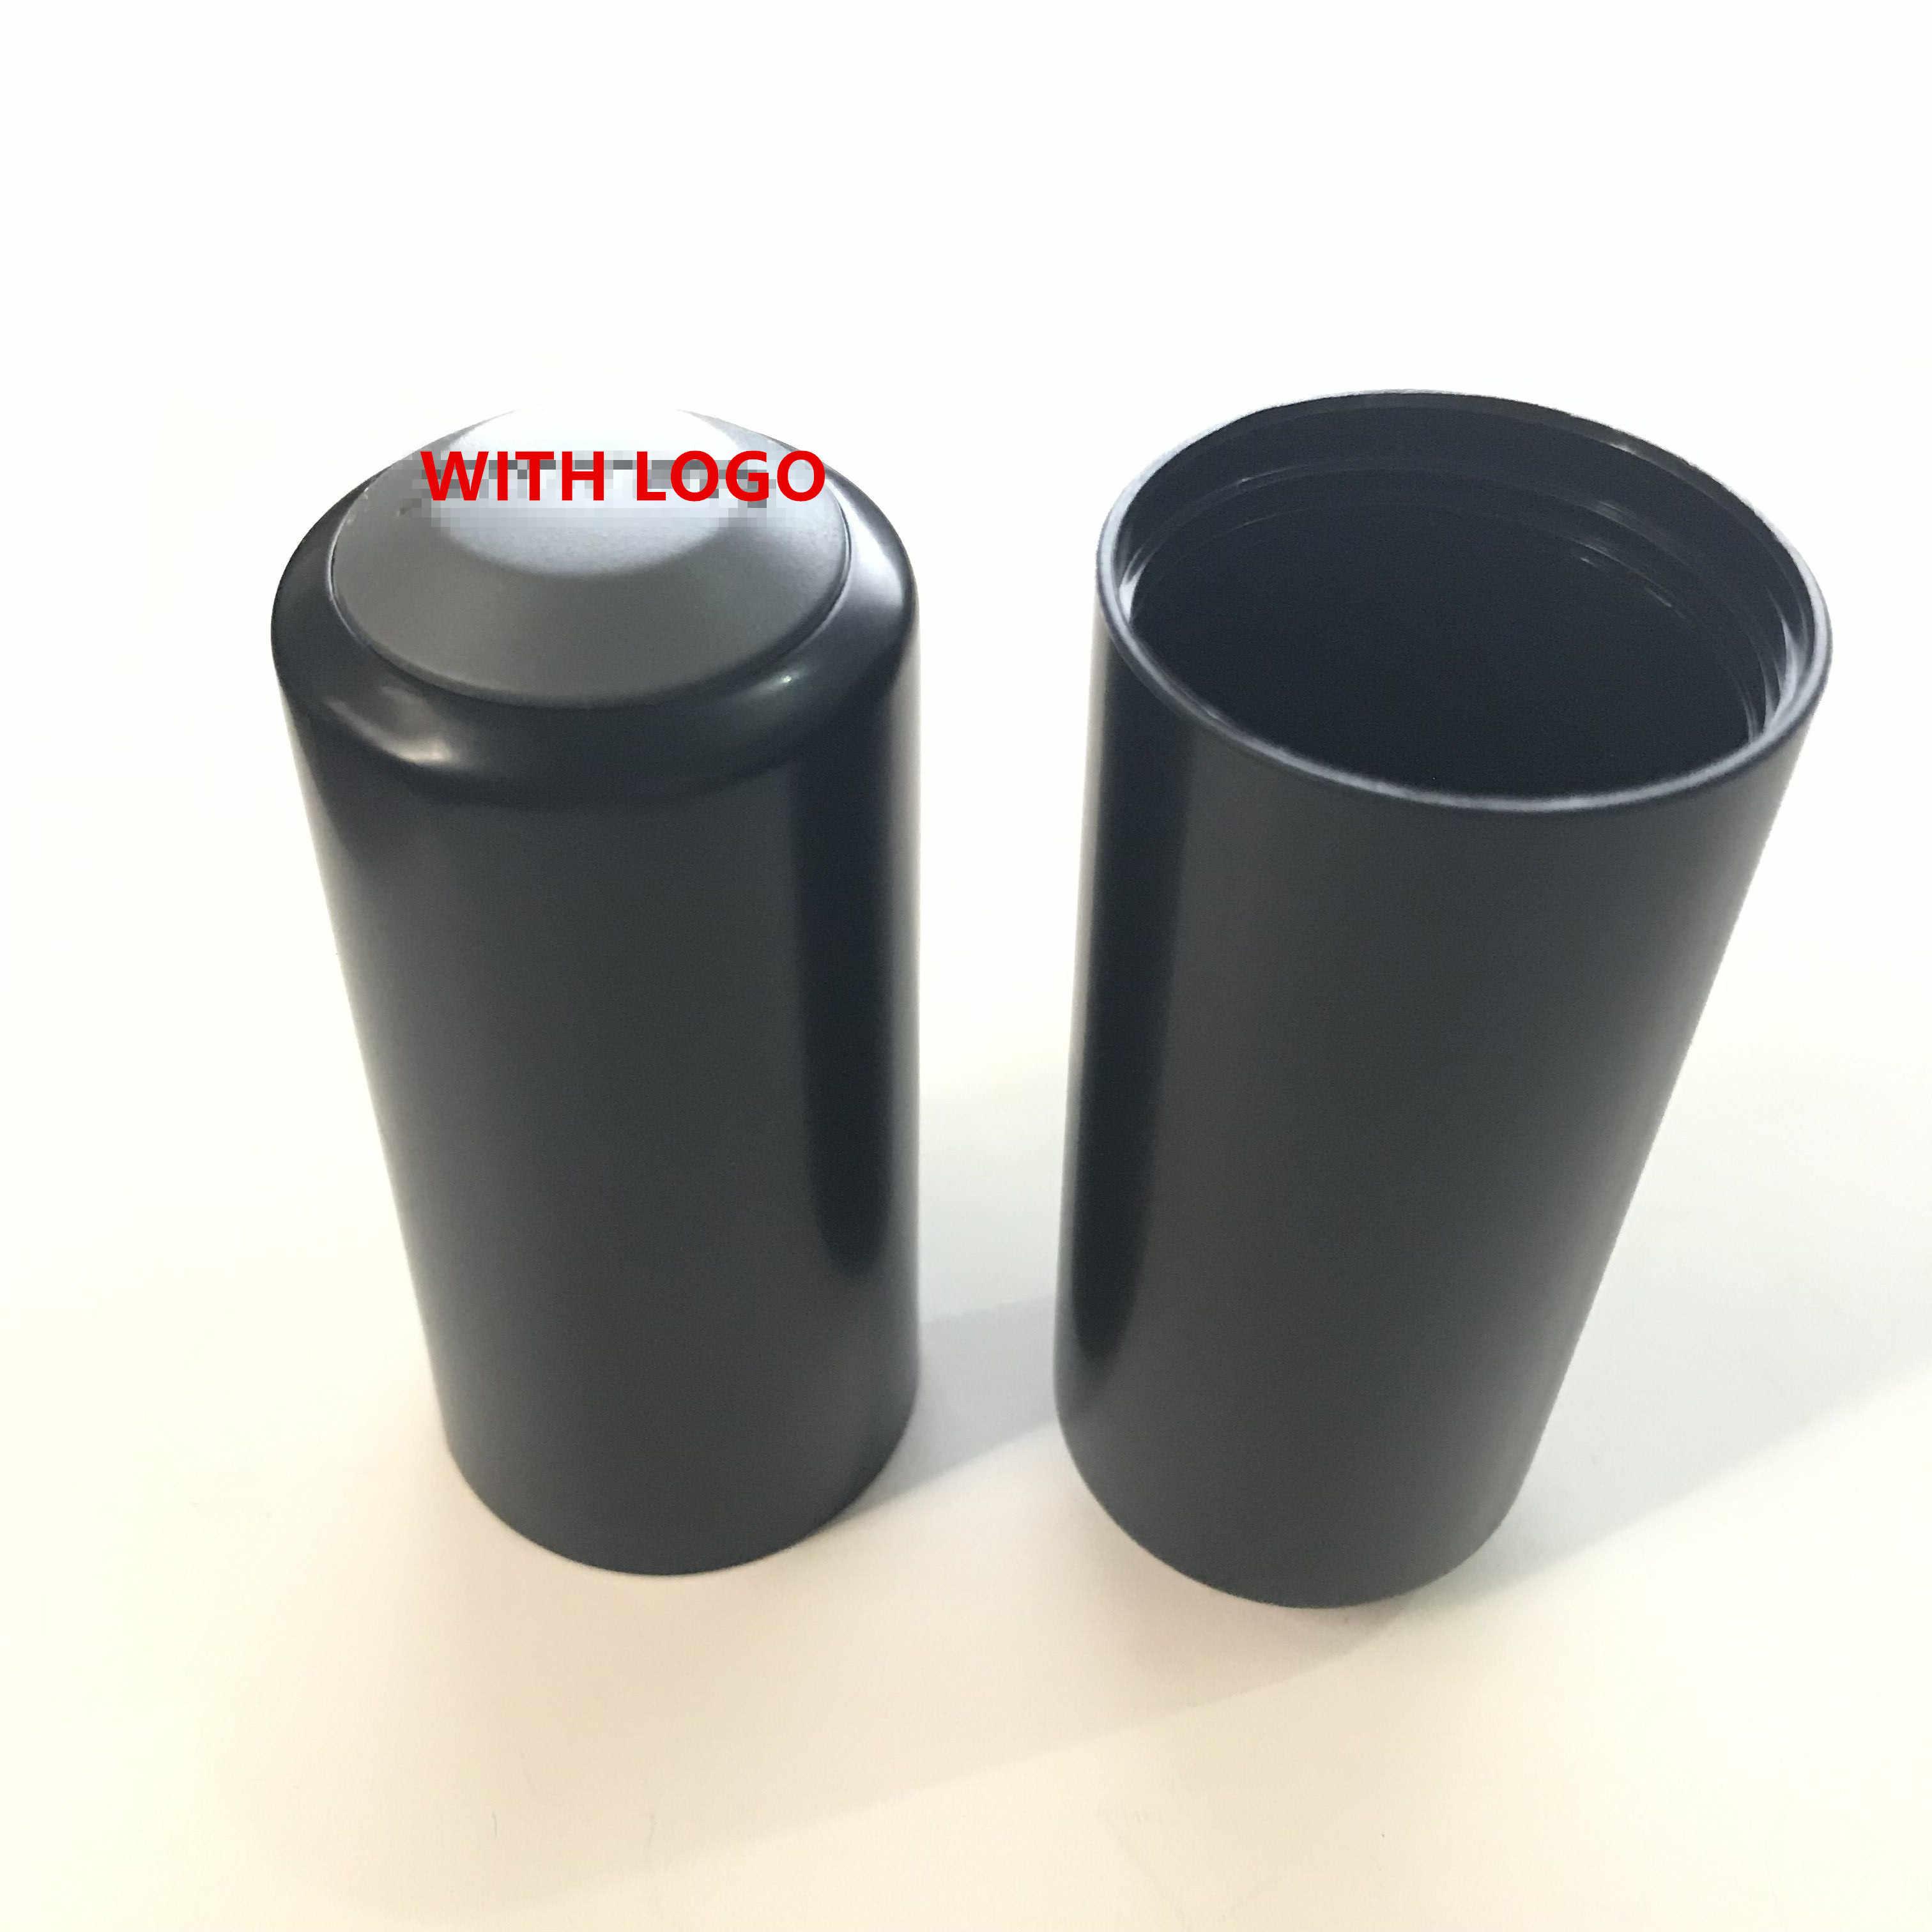 10PC 新ワイヤレスマイクカバーバッテリーネジキャップカップバックカバー Shure の PGX24 SLX24 SM58 BETA58 ハンドヘルドロゴ